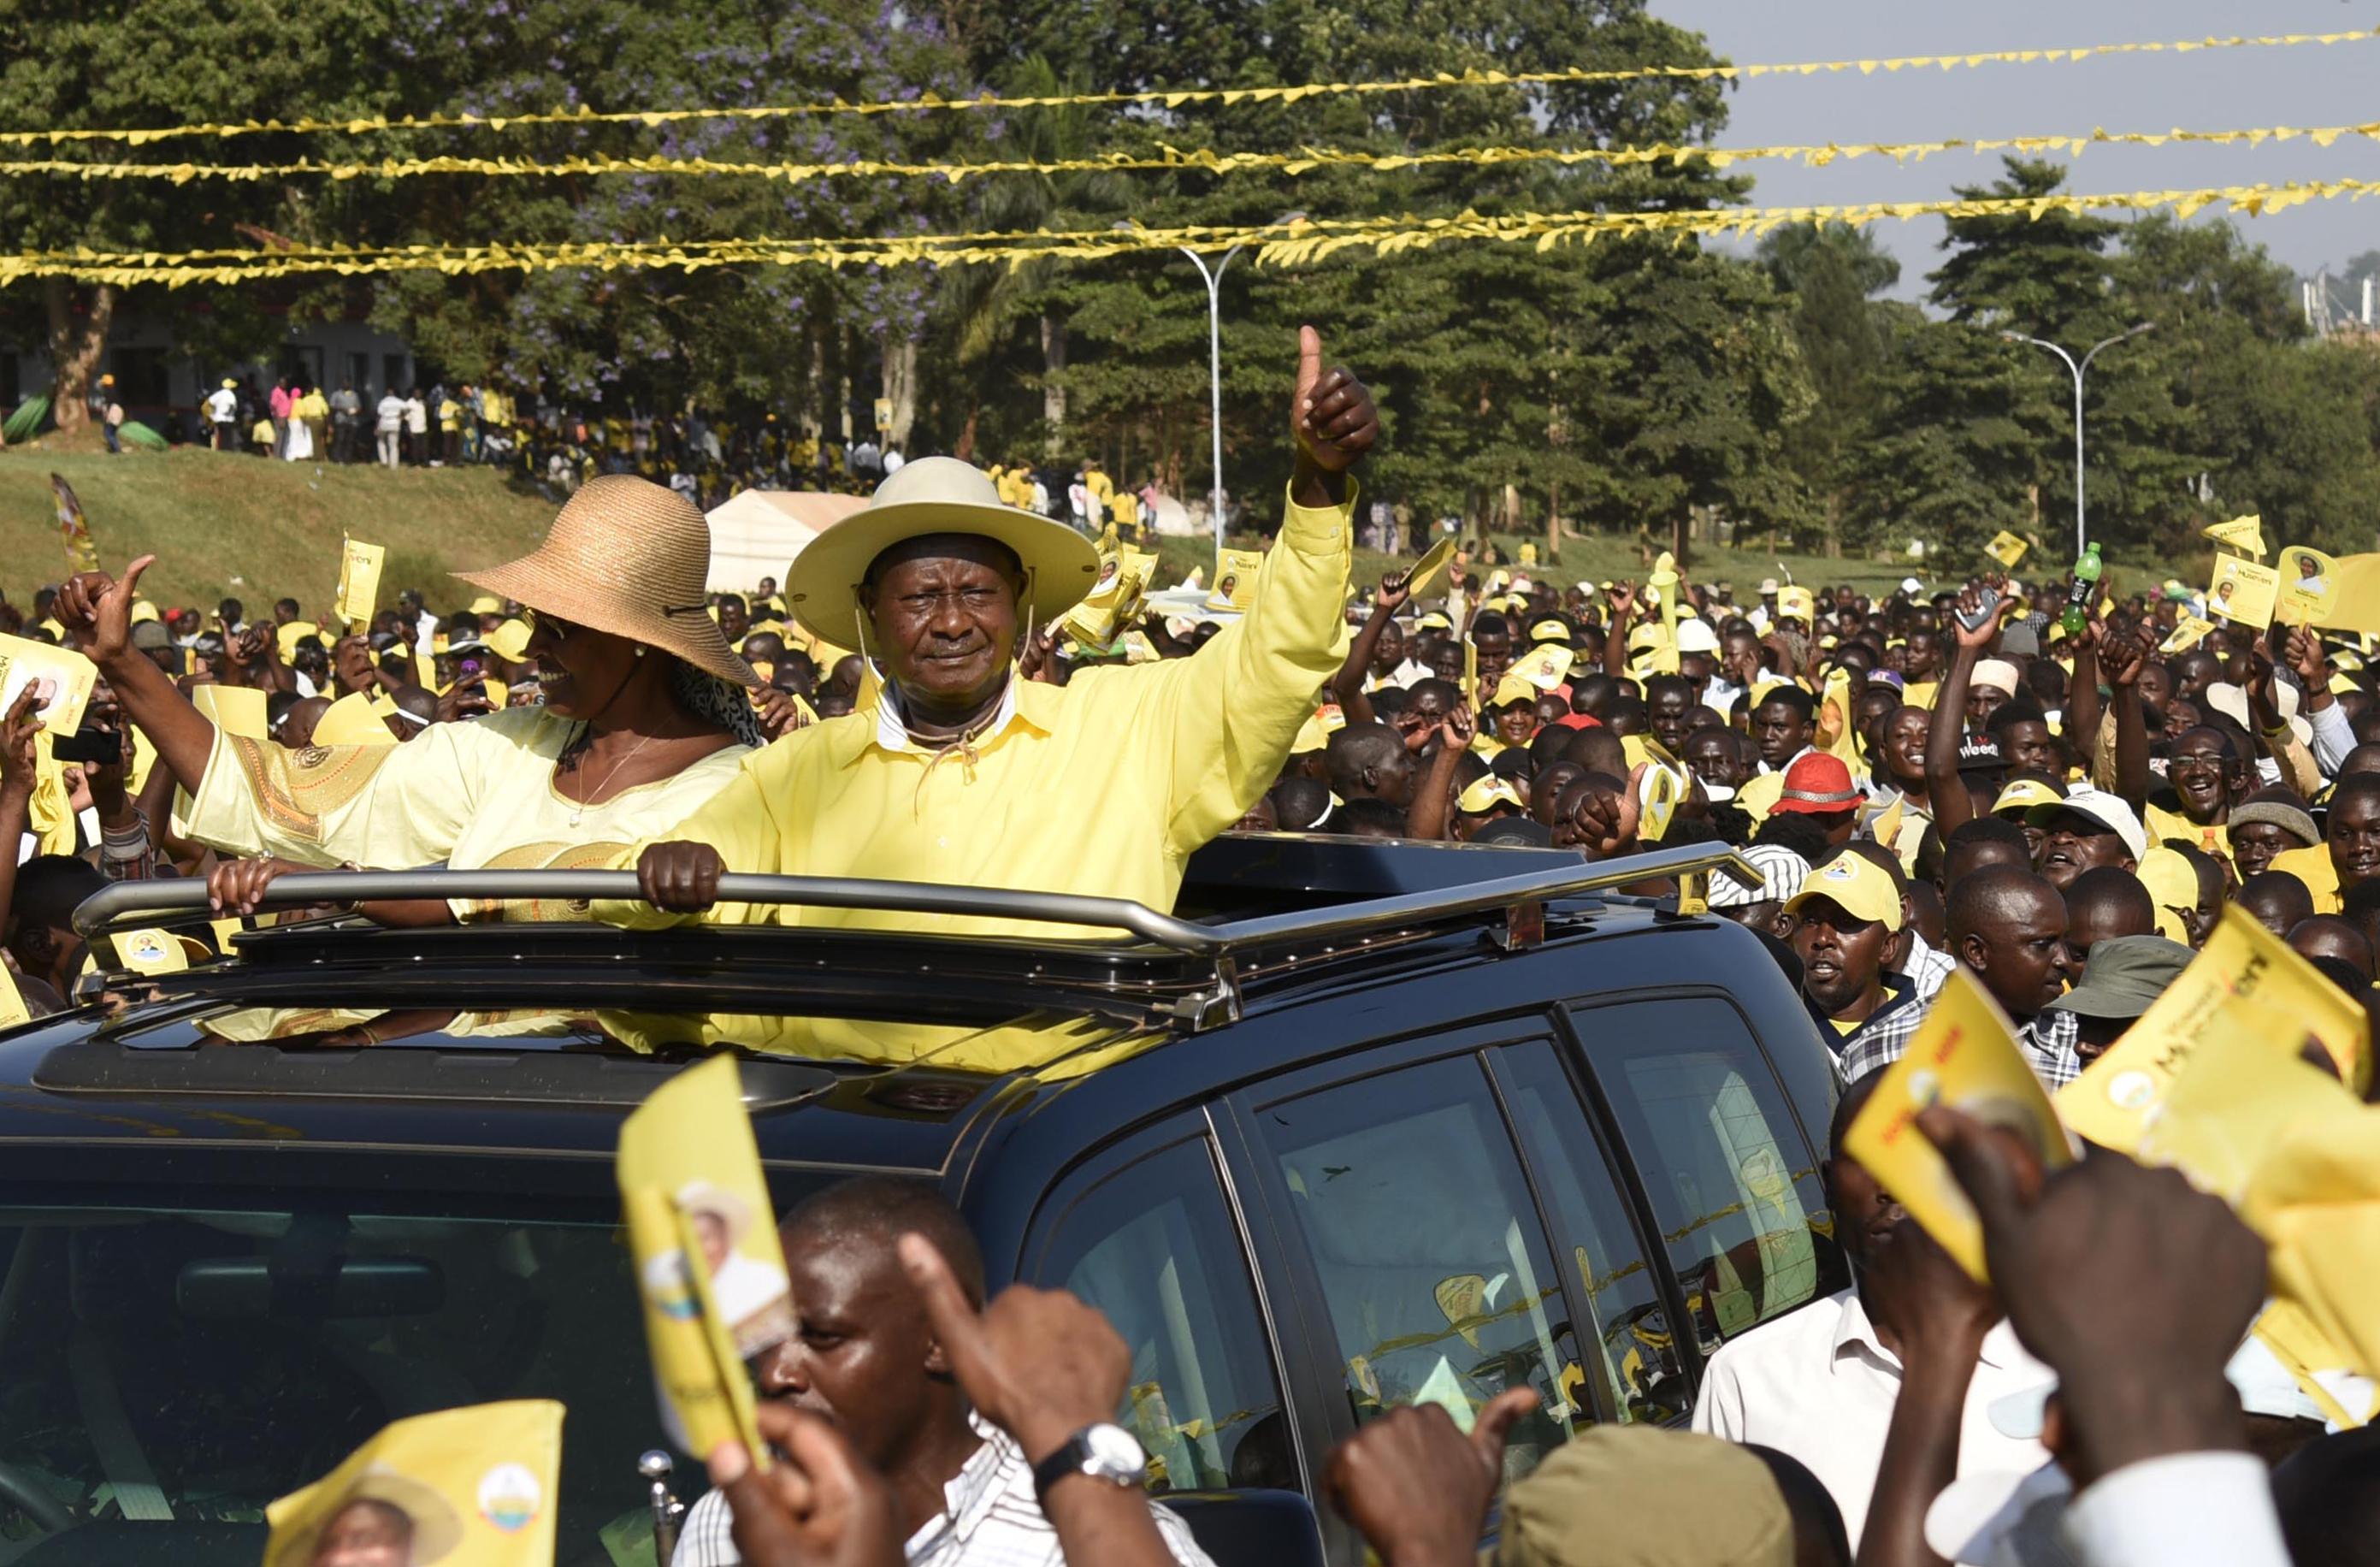 Hatodik alkalommal is Yoweri Museveni nyerte meg az ugandai elnökválasztást